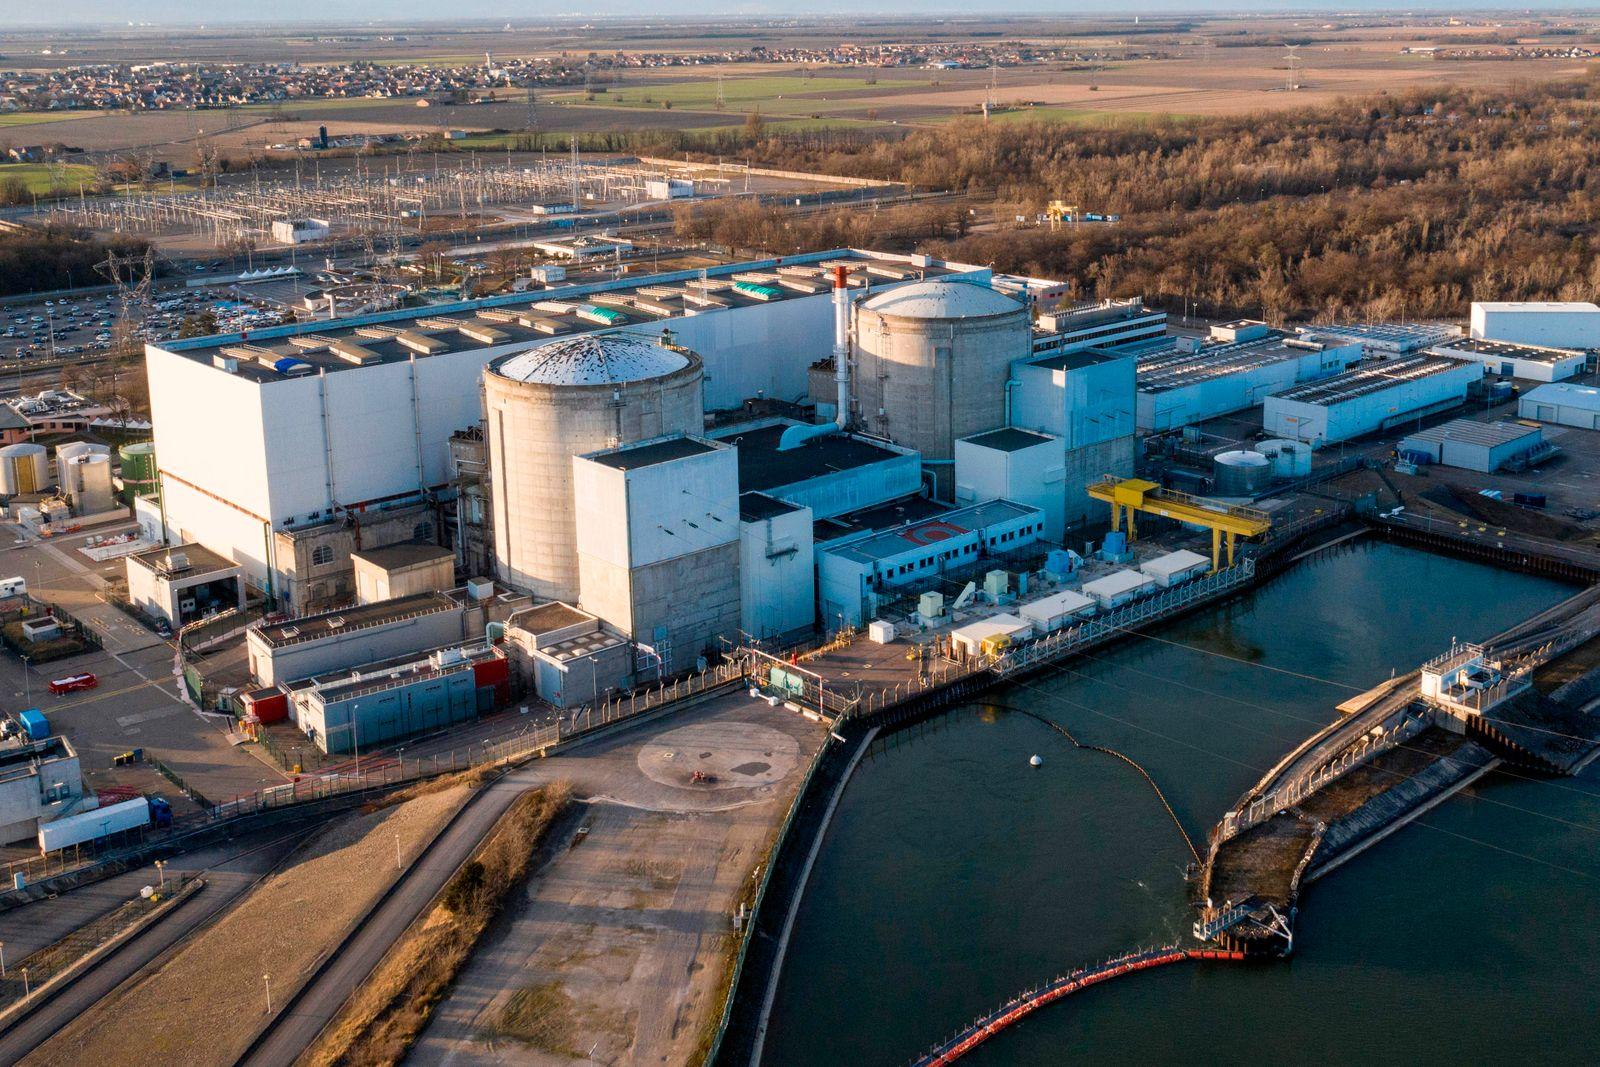 FRANCE-ENERGY-NUCLEAR